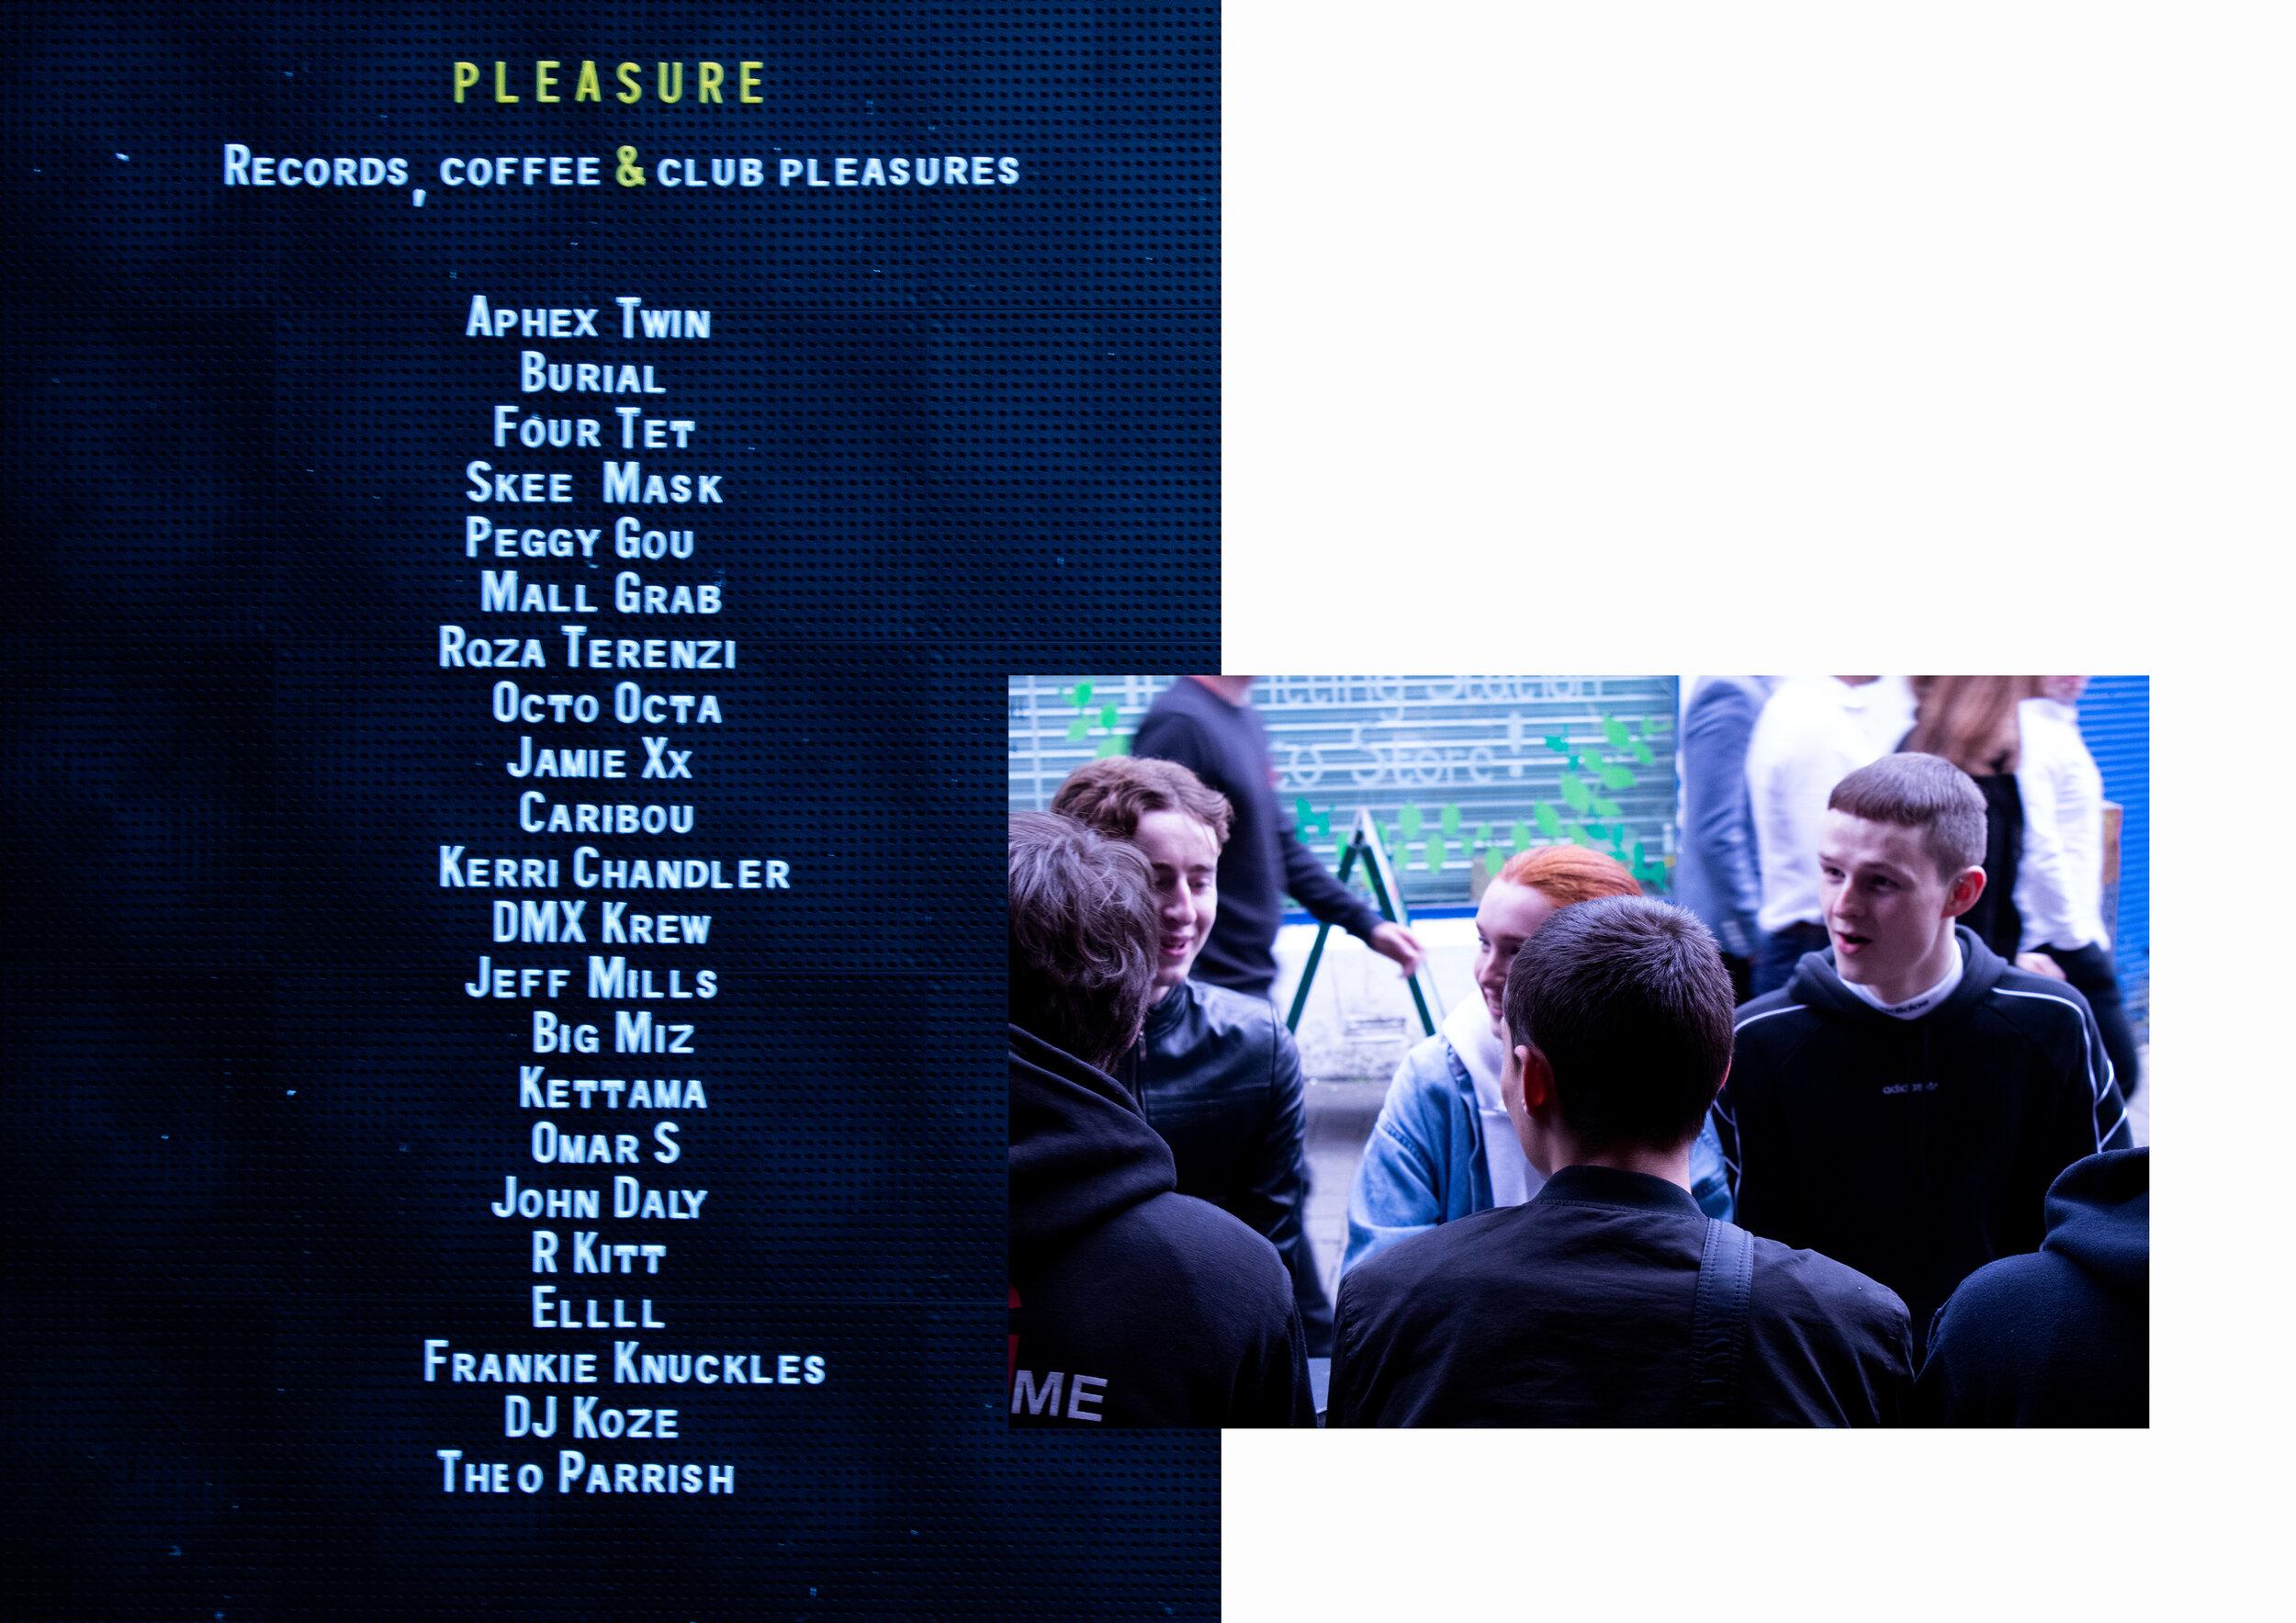 8_pleasure.jpg